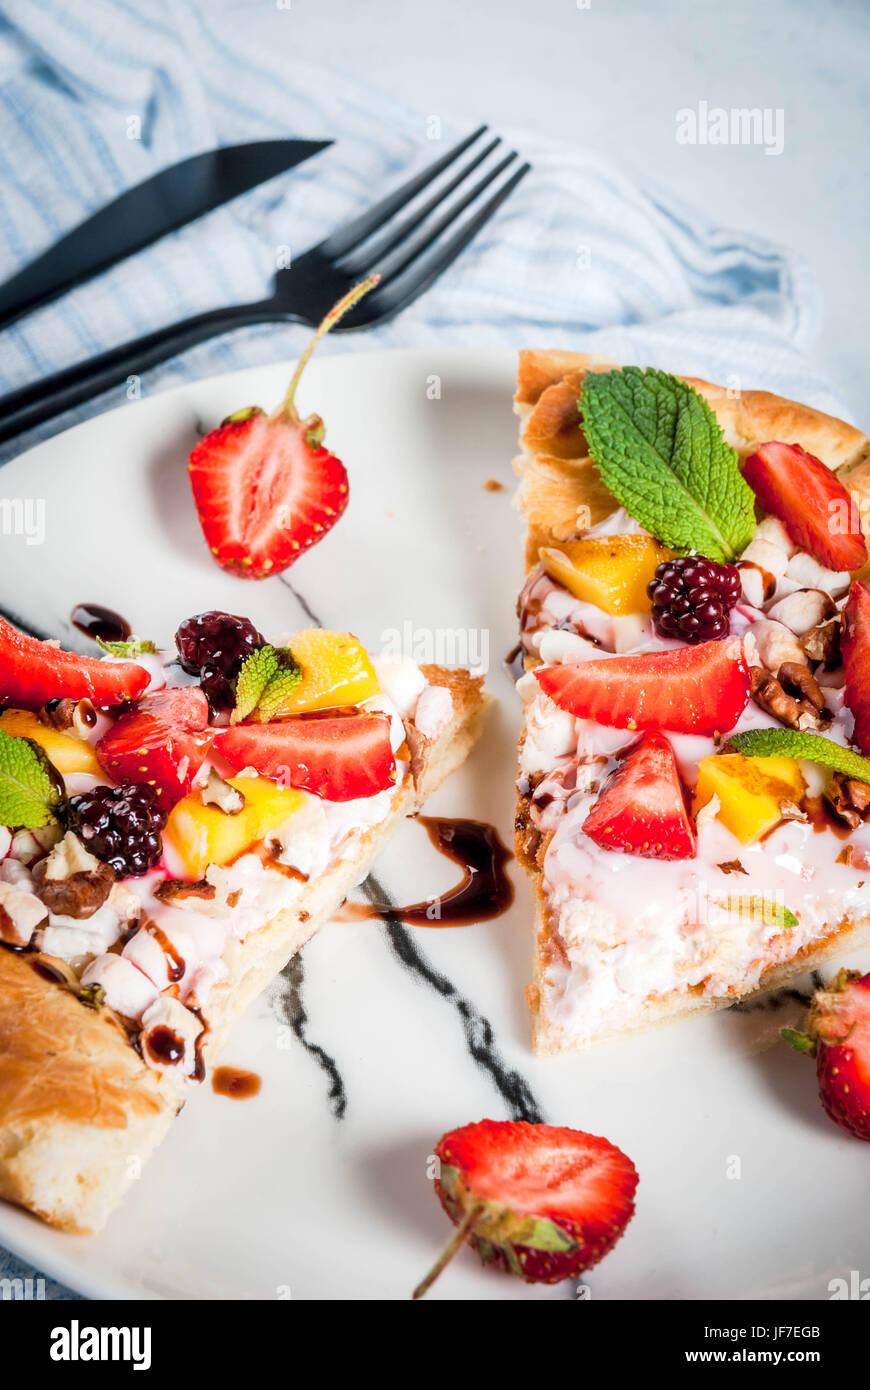 Sommer-Snacks. Essen für die Partei. Obst-Pizza mit Creme, Johannisbeeren, Joghurt, Erdbeeren, Mango, Pfirsiche, Stockbild